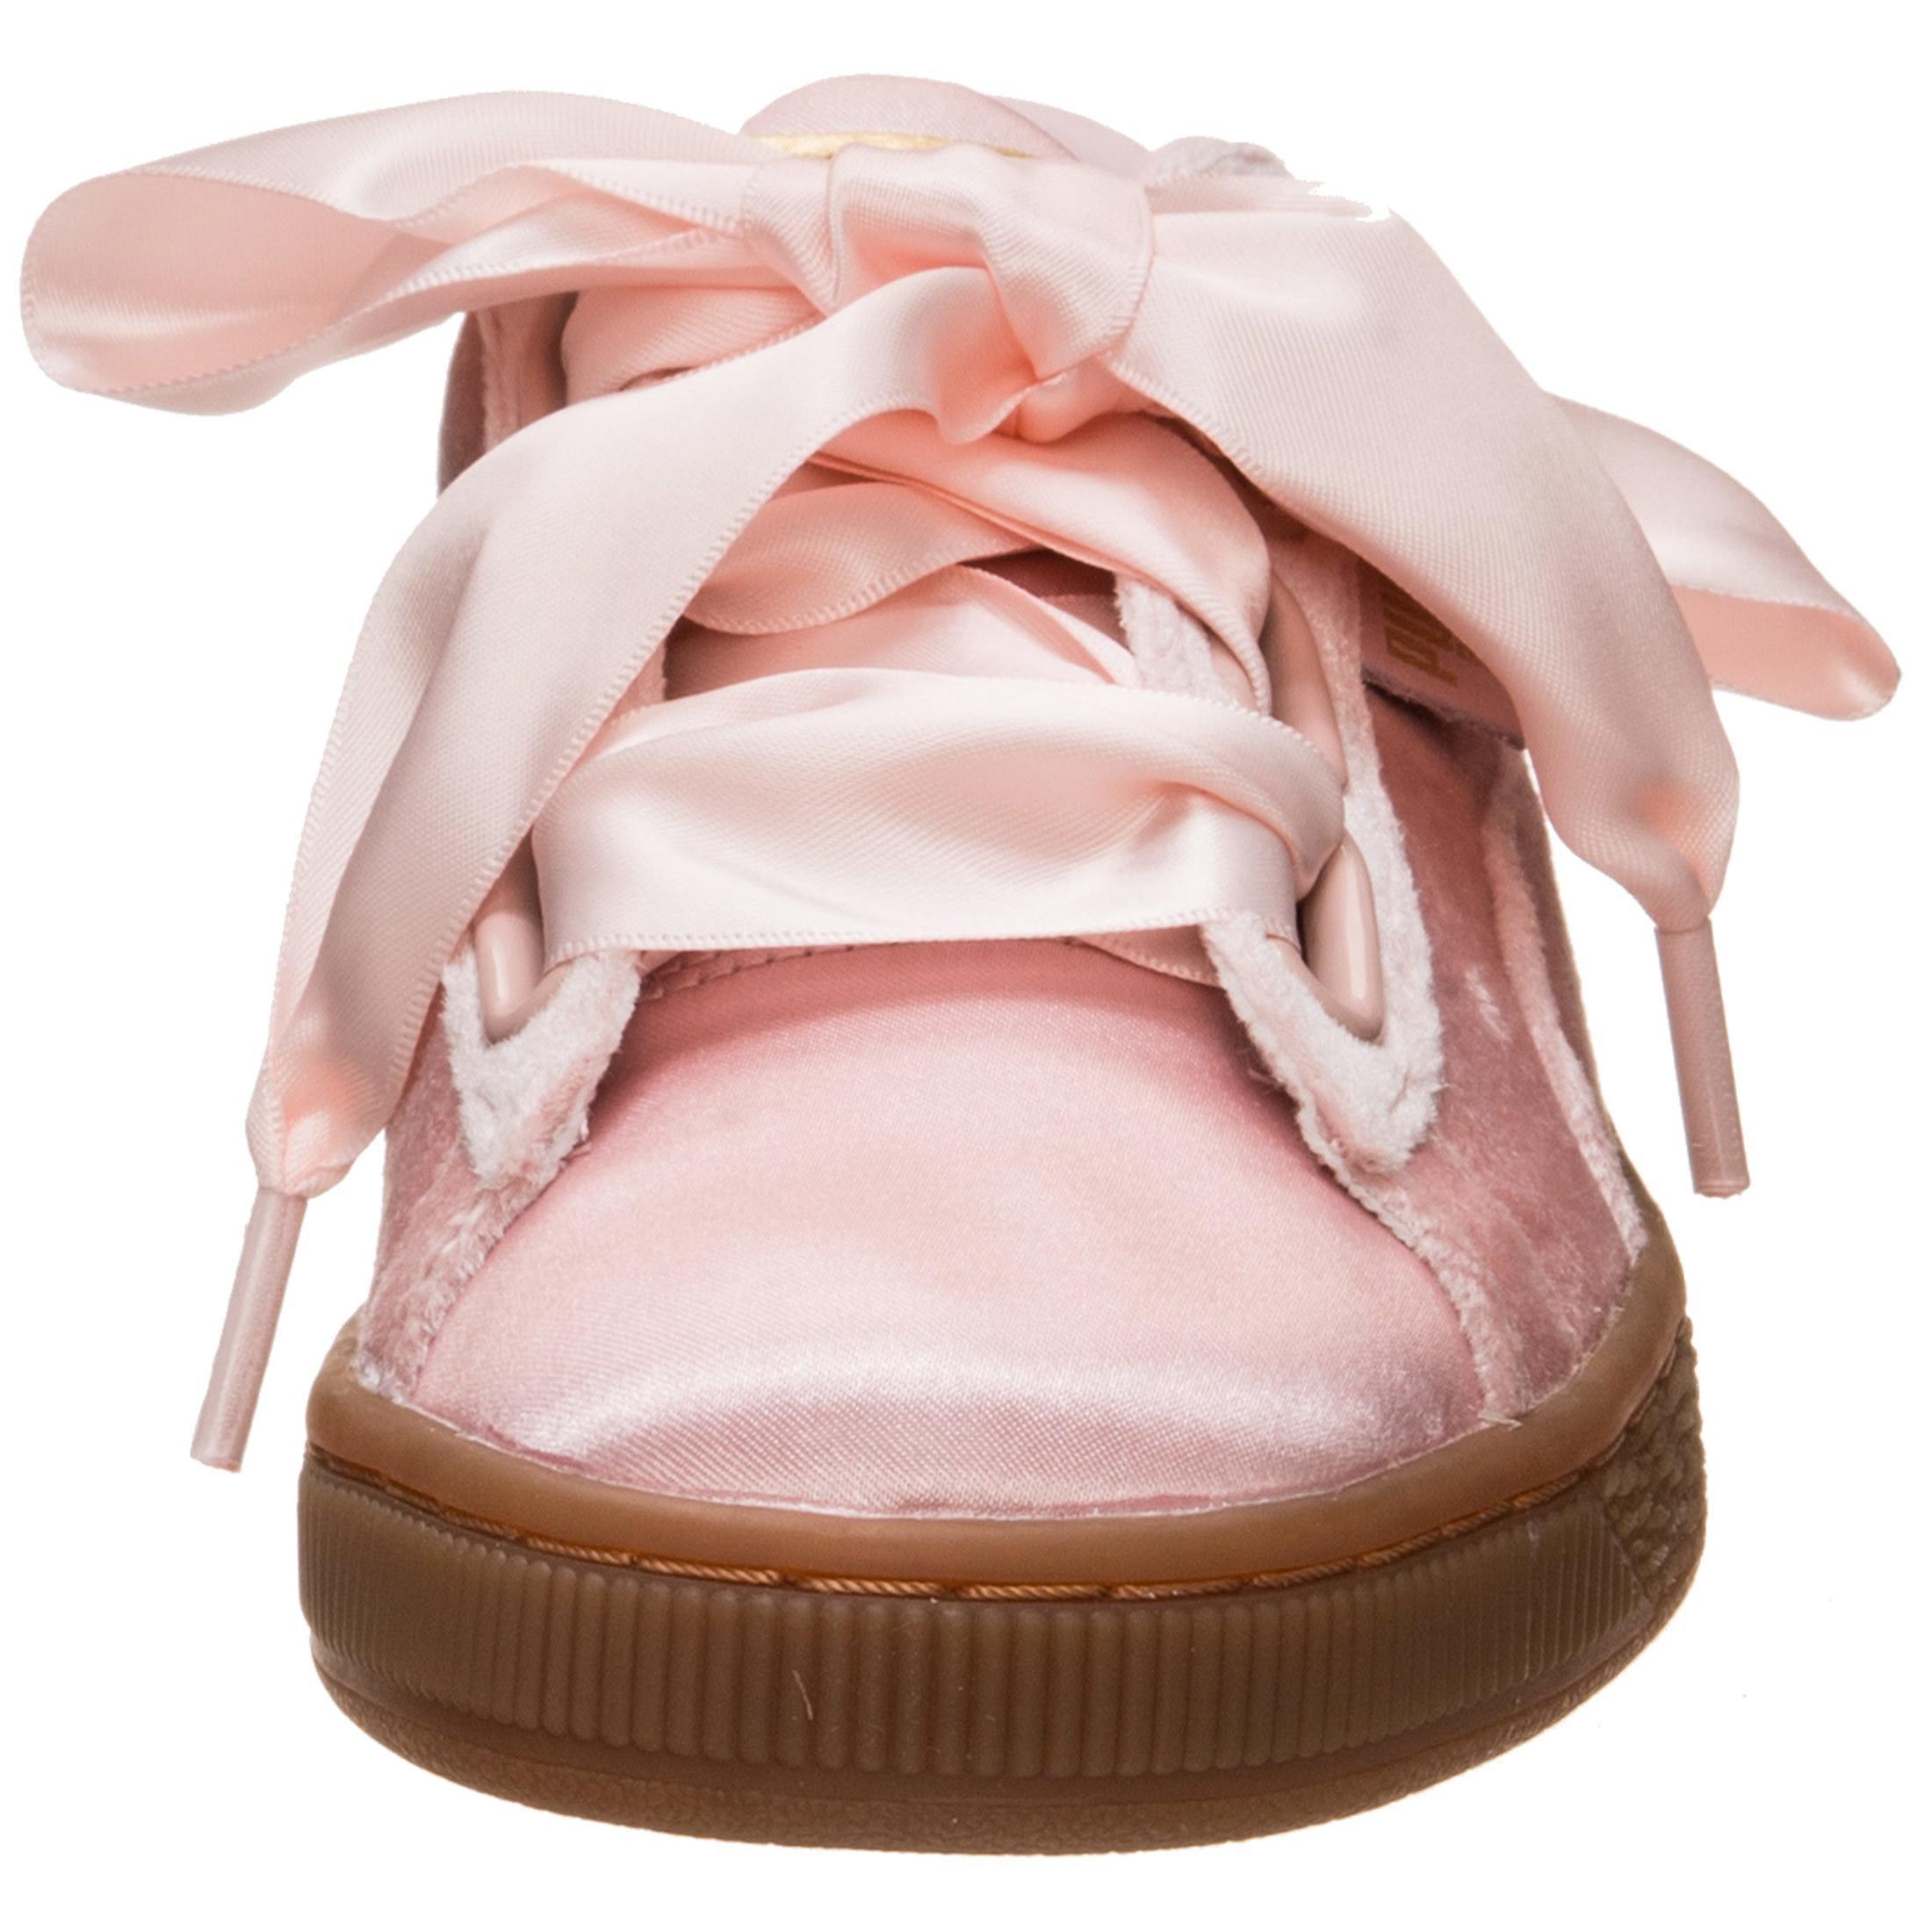 PUMA Heart Basket Heart PUMA VS Turnschuhe Damen Rosa im Online Shop von SportScheck kaufen Gute Qualität beliebte Schuhe 6e6c57